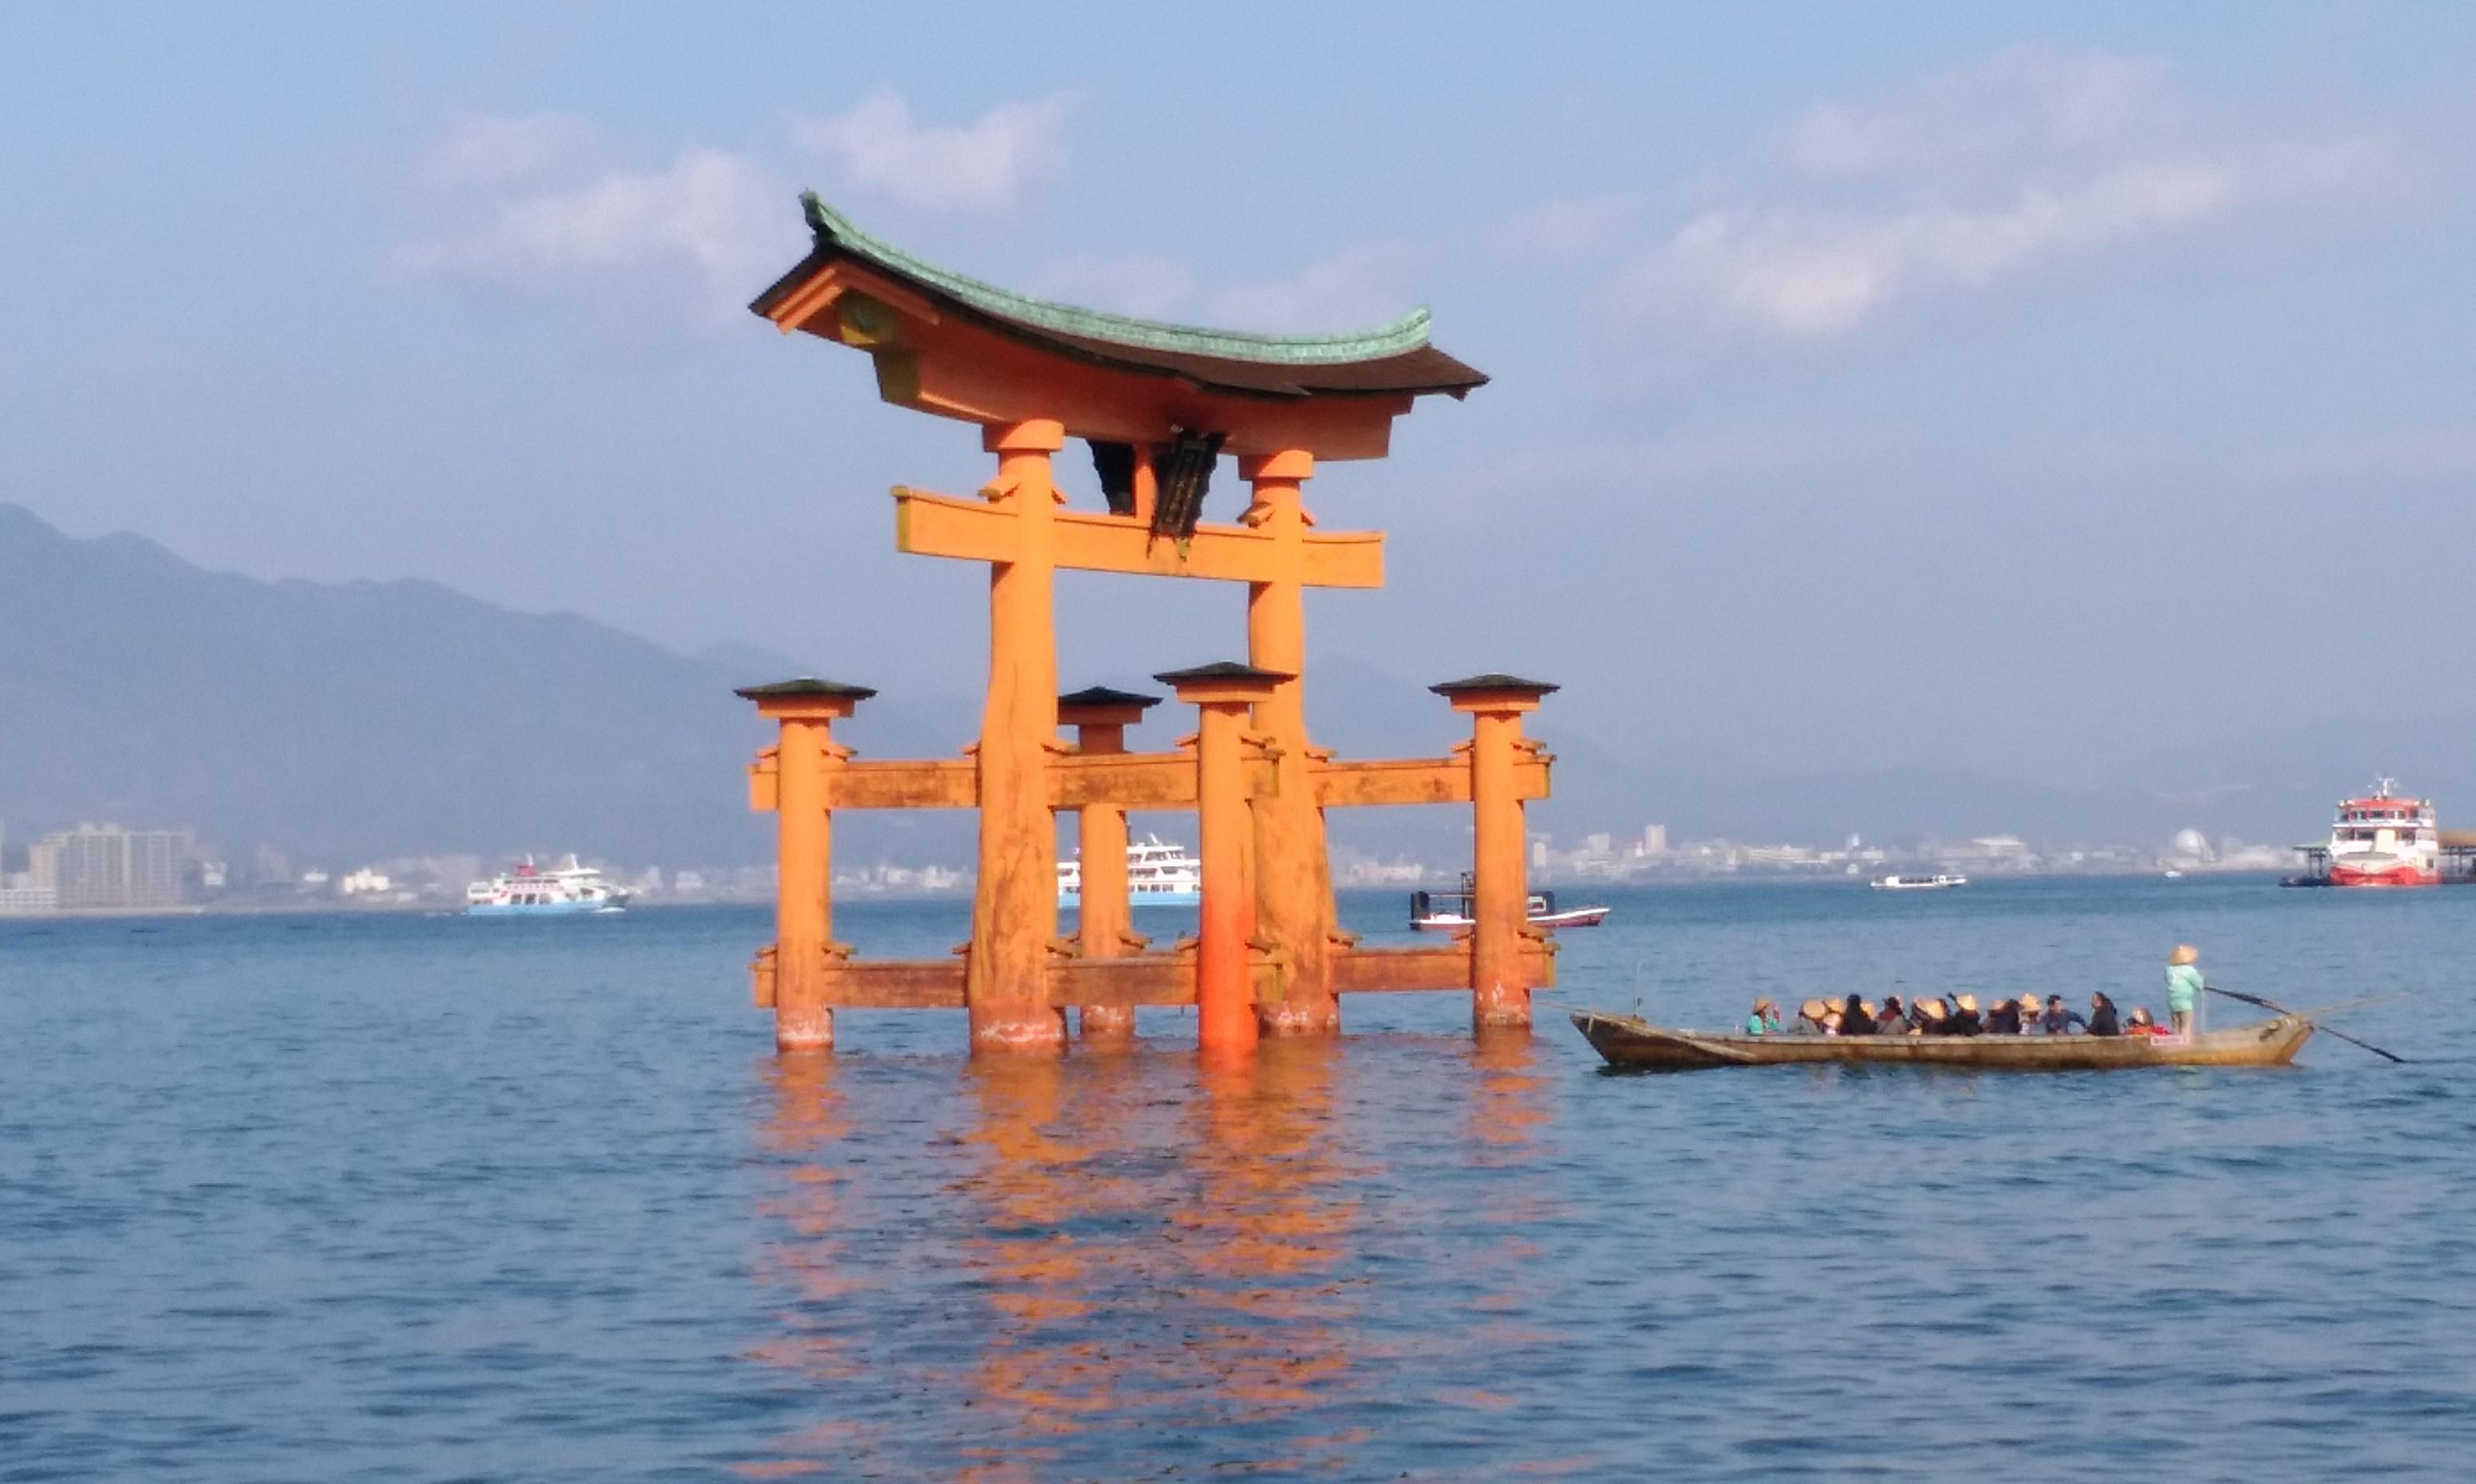 2017年1月3日:宮島へ初詣に行ってきました! -鳥居撮影スポットやトレンド(?)のお土産のお話をさせて頂きます!!-